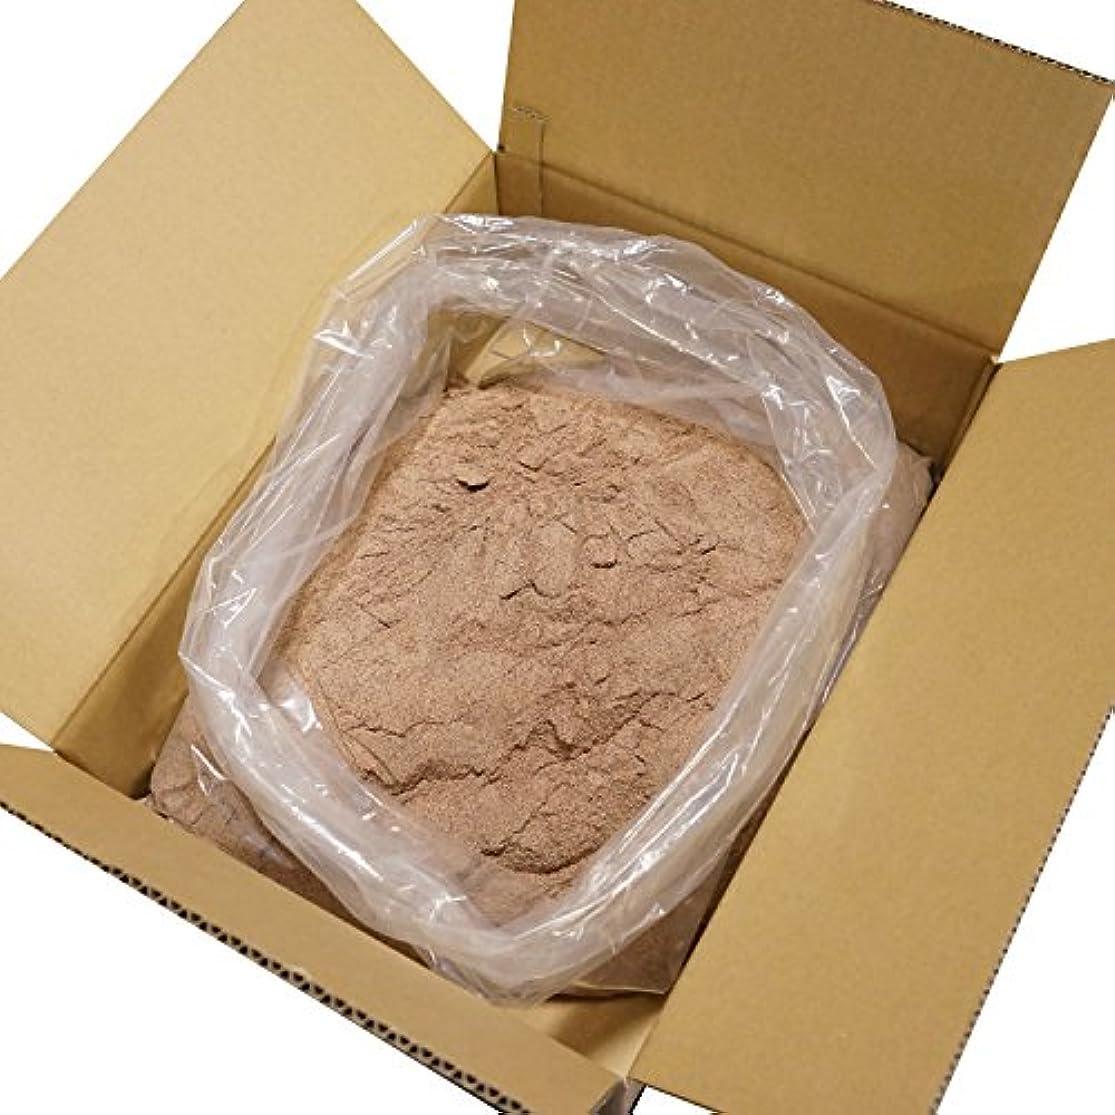 適応する皮肉パステルヒマラヤ 岩塩 ブラック パウダー 細粒タイプ 業務用 原料 (5kg)